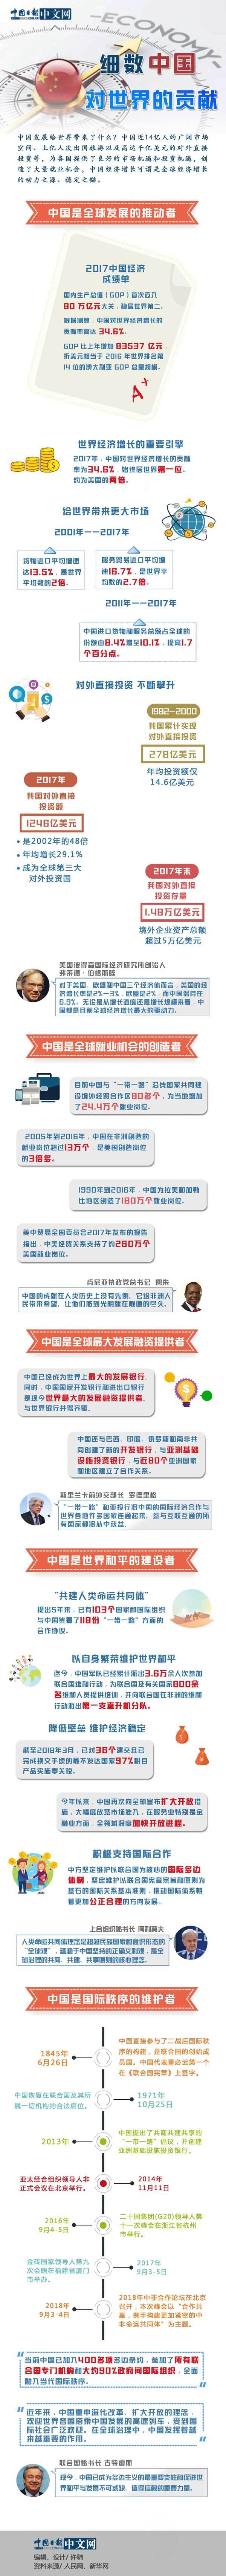 图解:细数中国对世界的影响